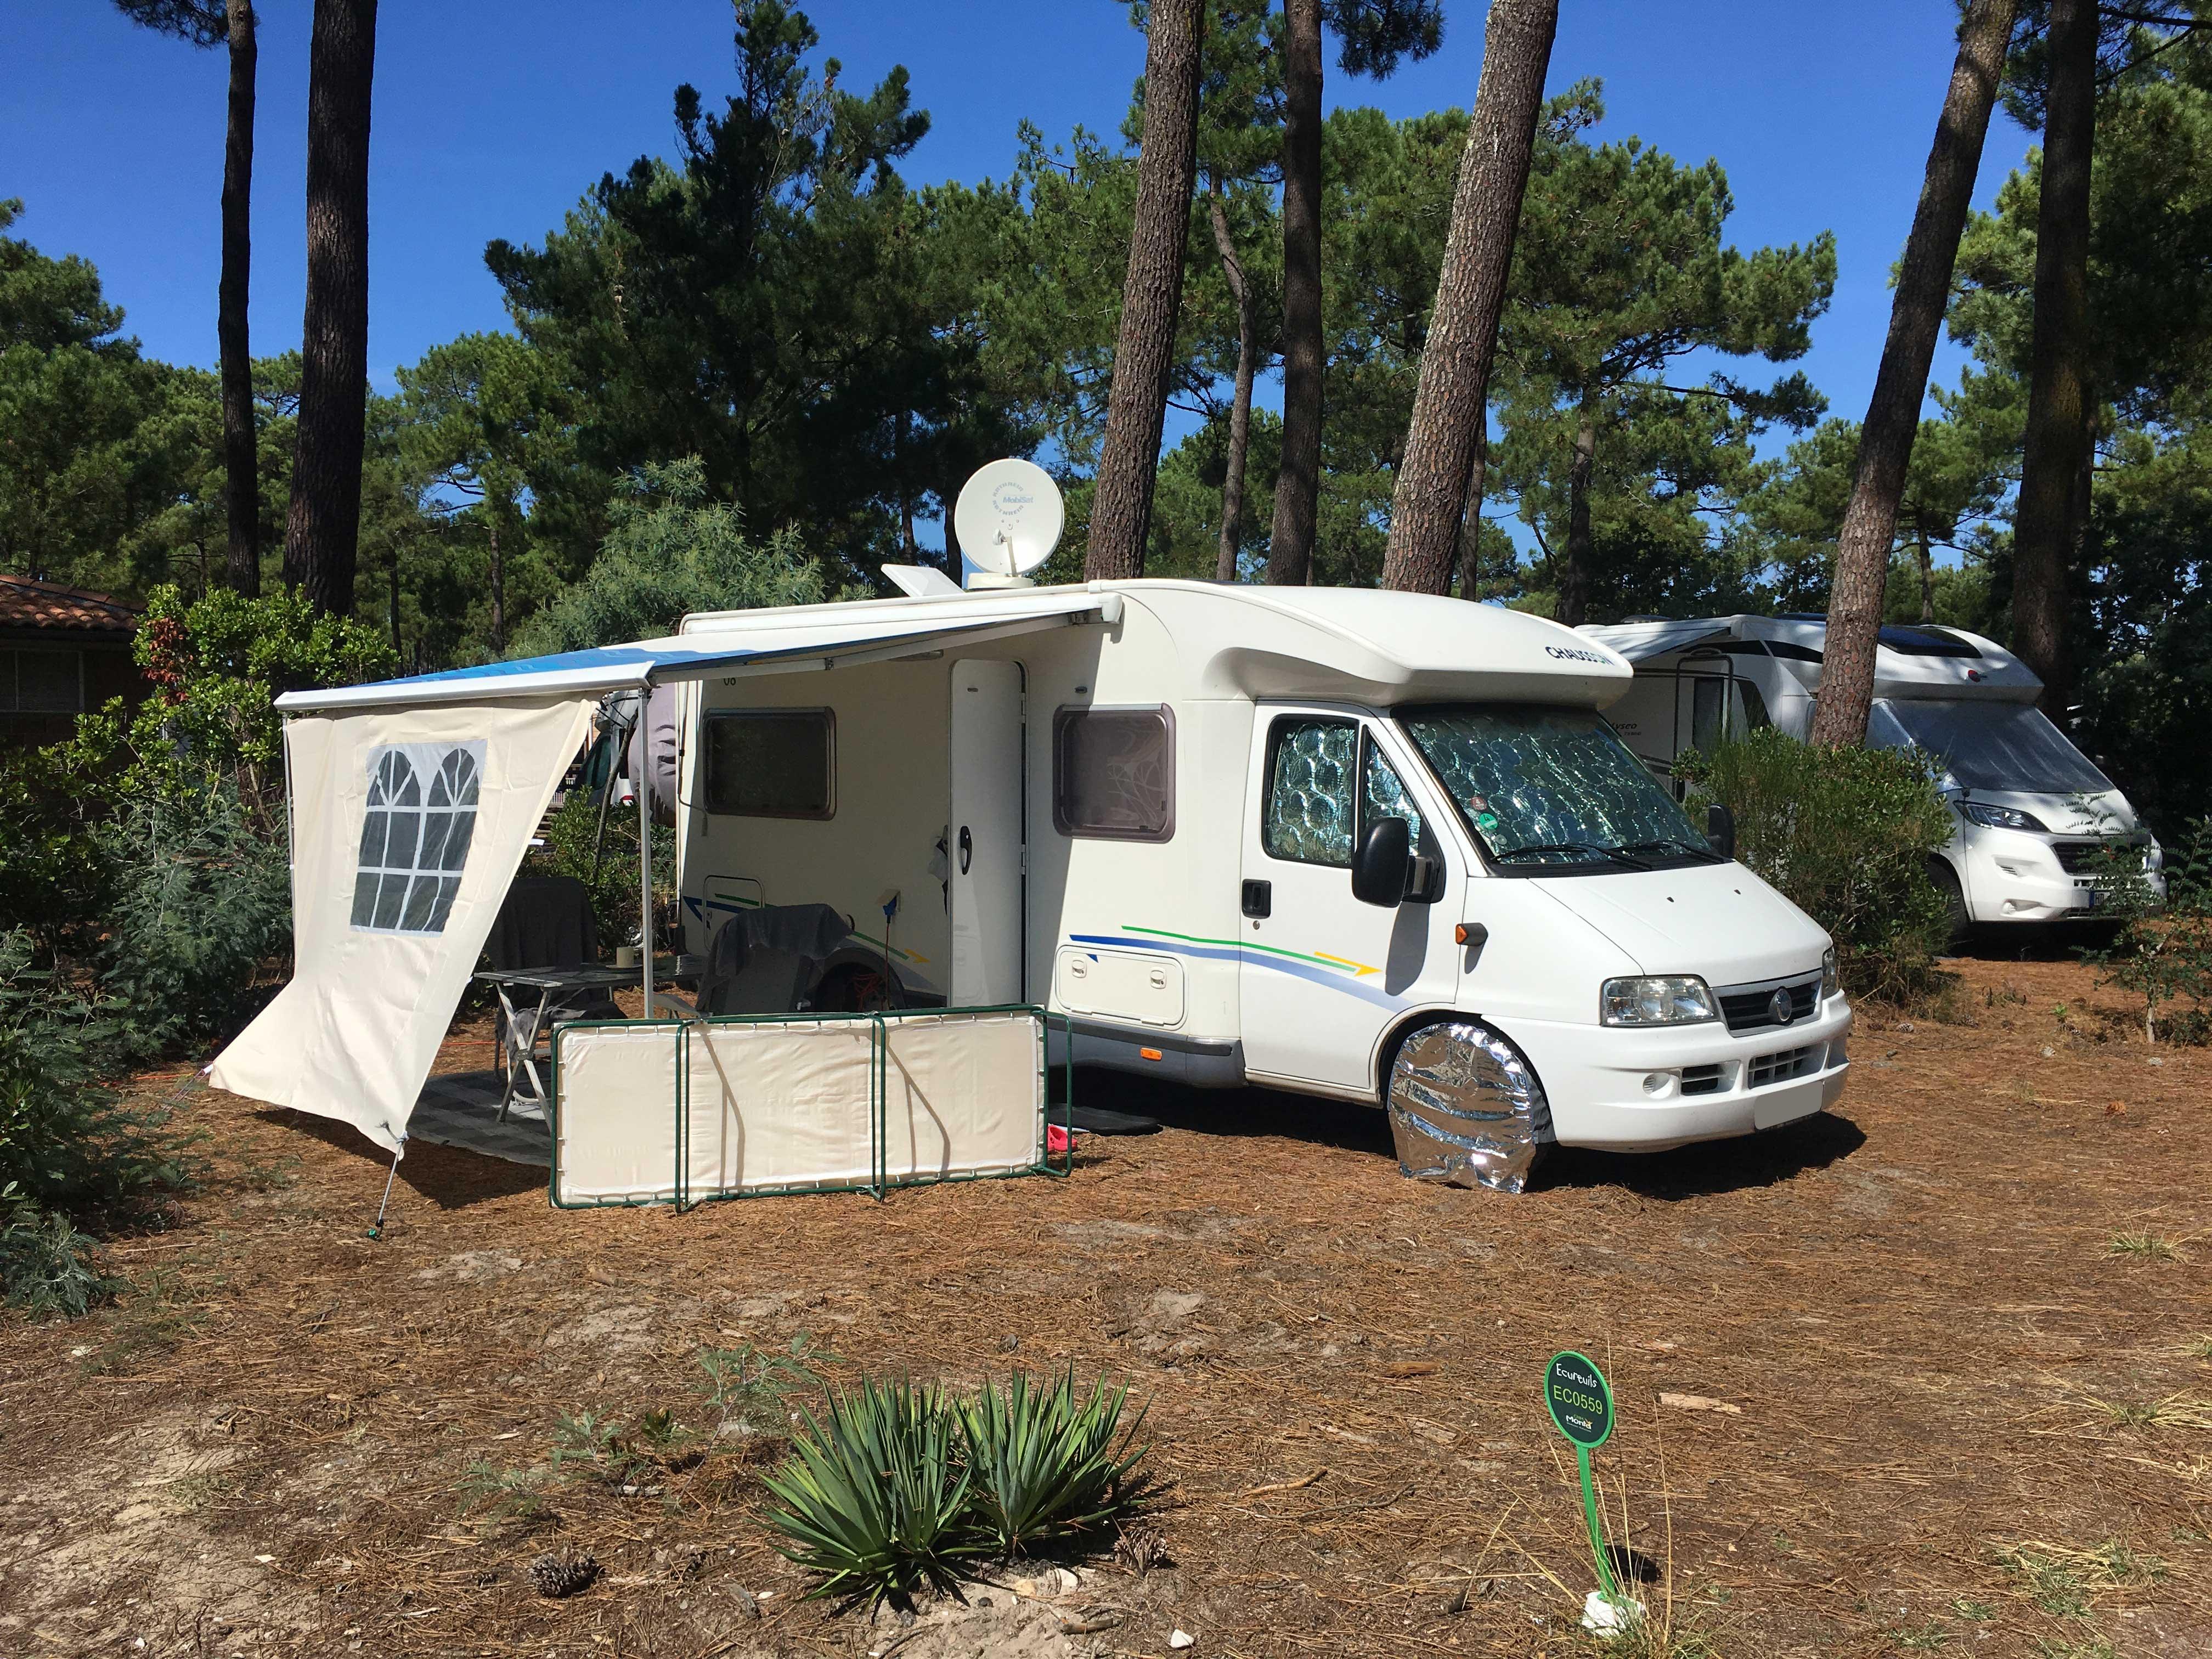 Auto Kühlschrank 12v Lidl : Www.mautlos.de wohnmobilreisen reiseberichte reiseblog